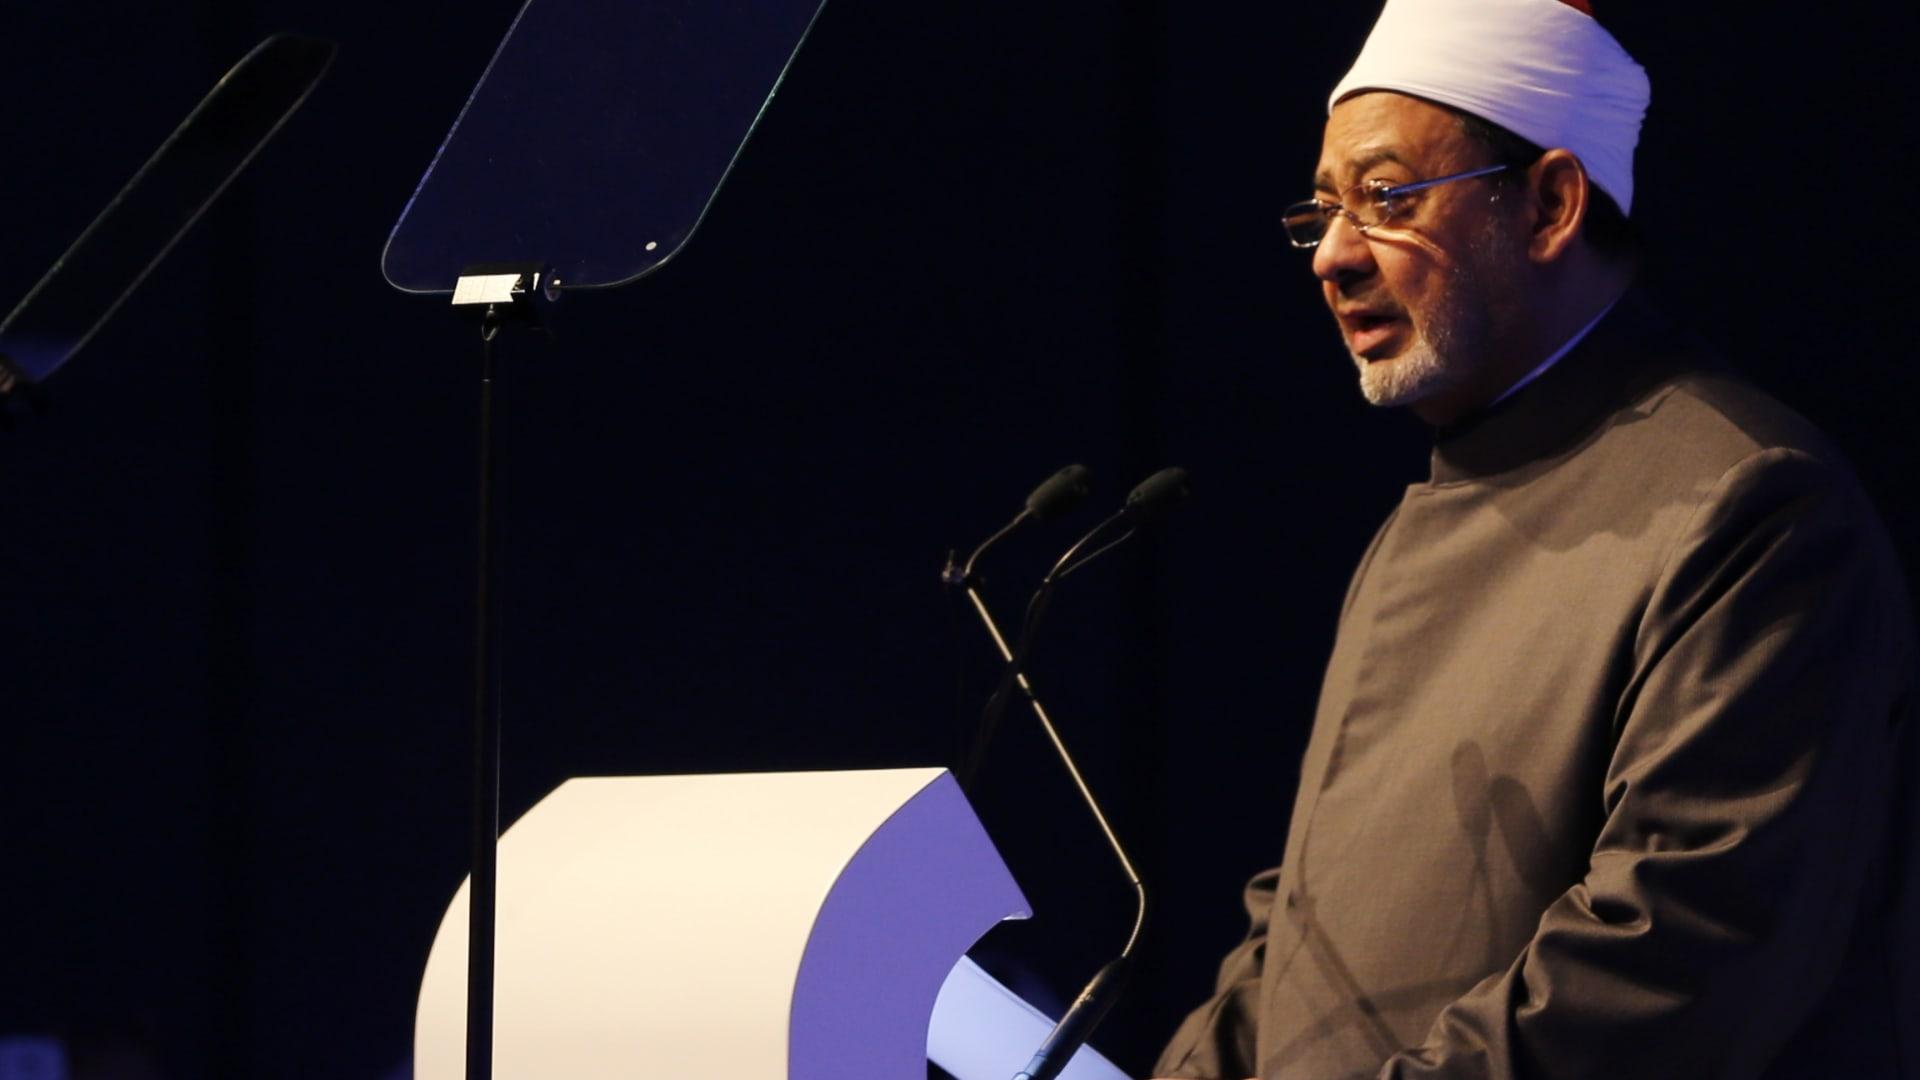 """شيخ الأزهر: نرفض الزج بالإسلام والنبي محمد إلى مضاربة سياسية """"رخيصة"""""""